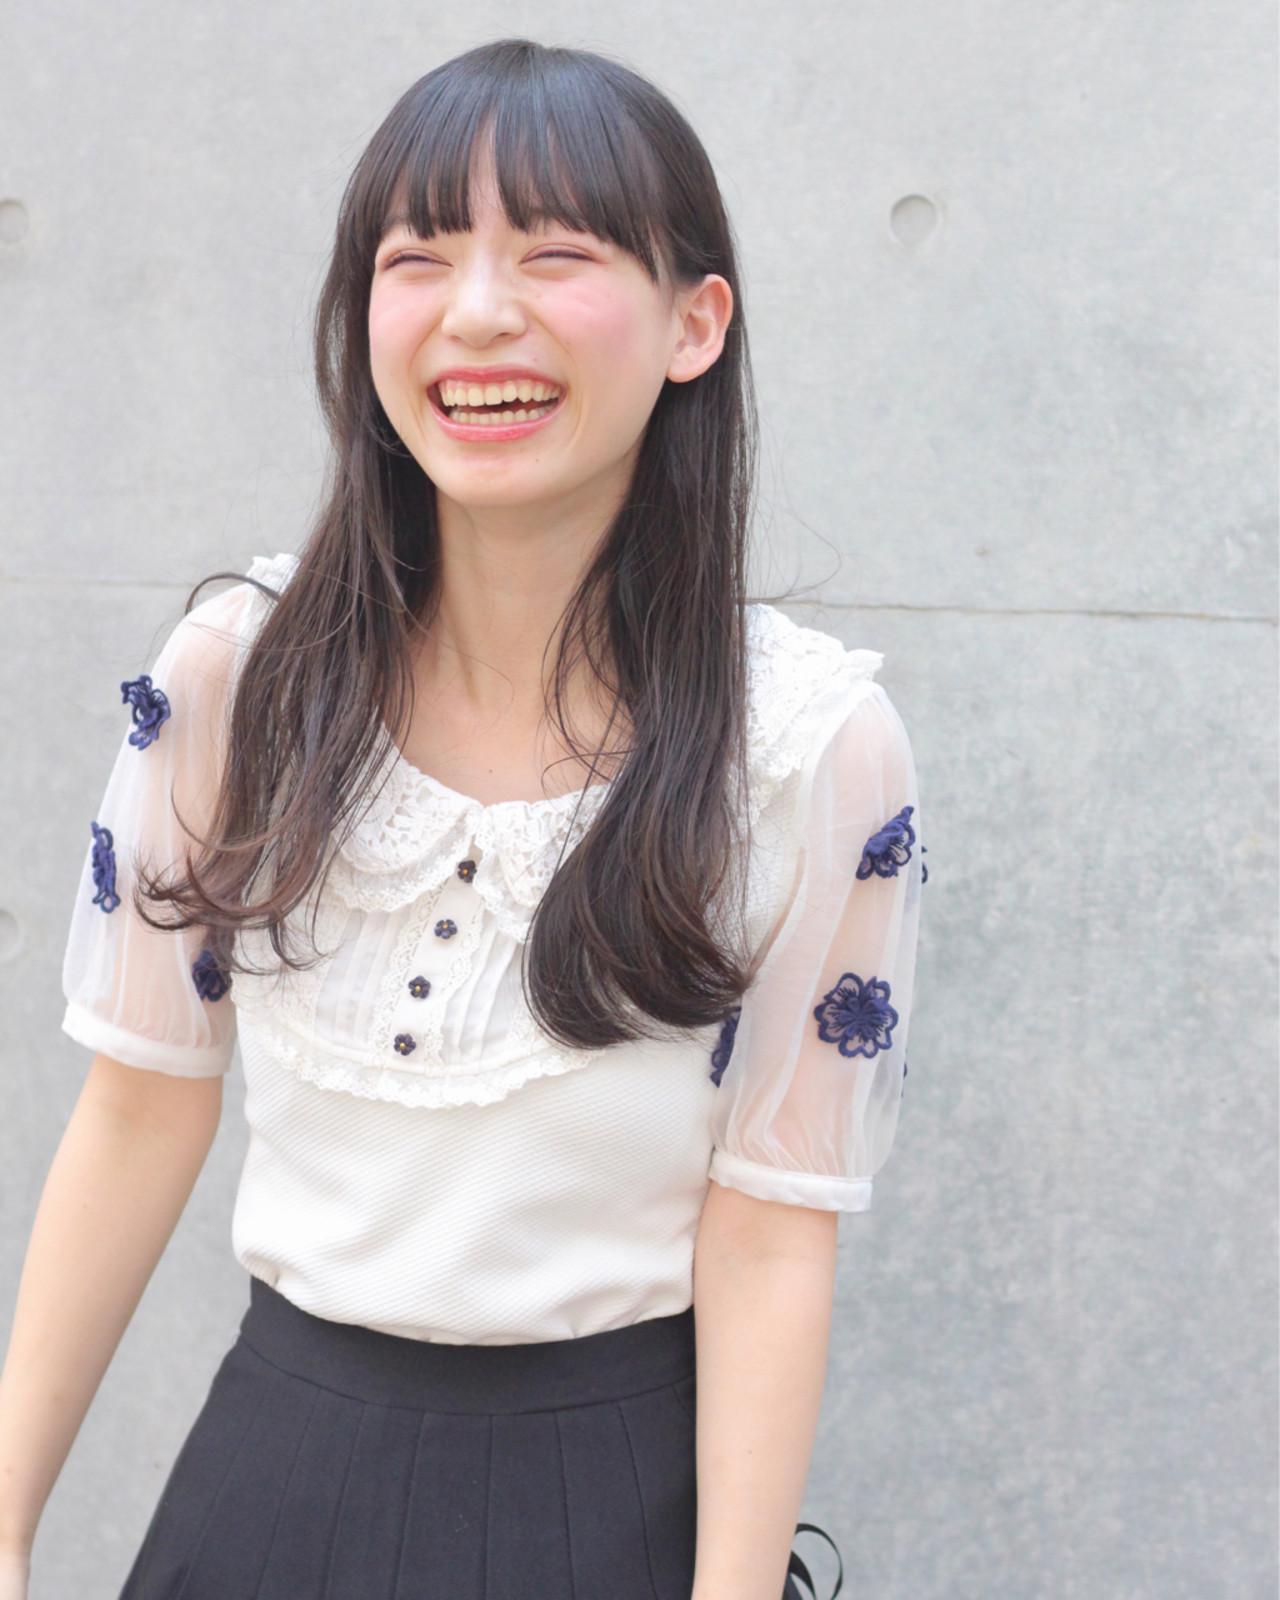 清楚な耳かけロングは大人カワイイ♡ Wataru Maeda | cache cache